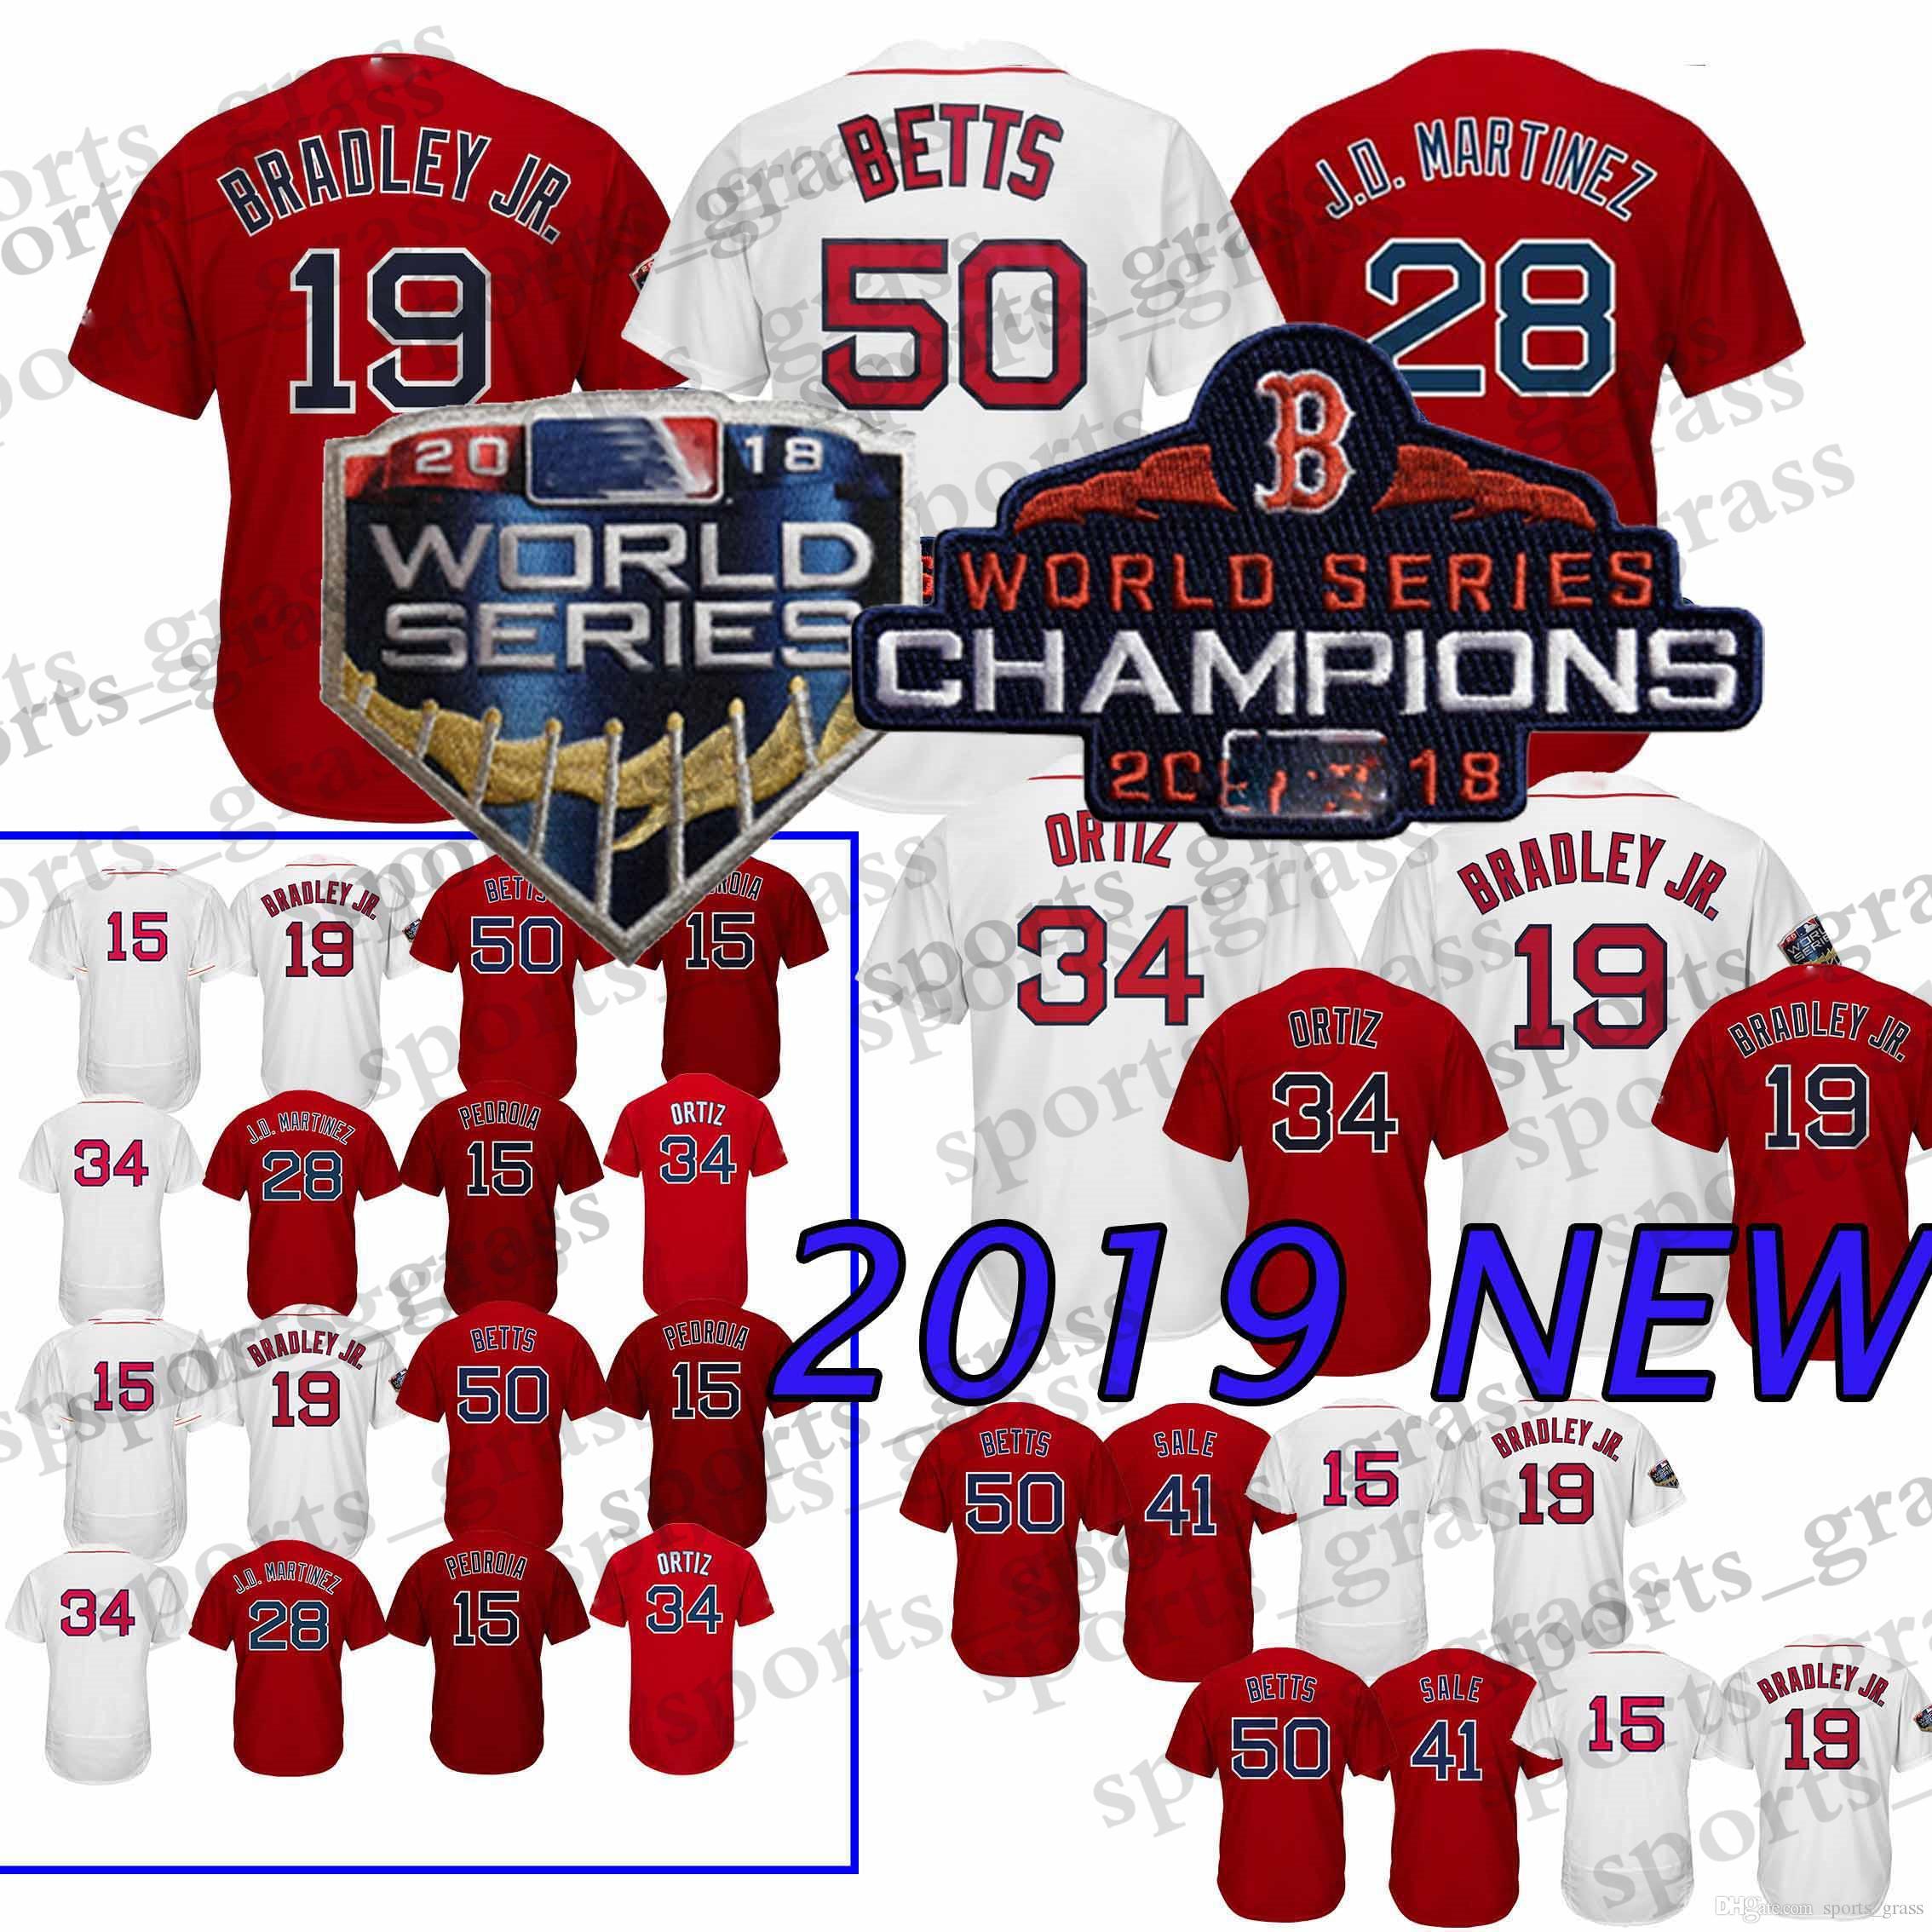 2019 50 Mookie Betts Boston Red Sox Jerseys 34  16 Andrew Benintendi 28 J D  Martinez J.D. 19 Jackie Bradl 9 Ted Williams Jersey From Sports grass 9994b4081f3